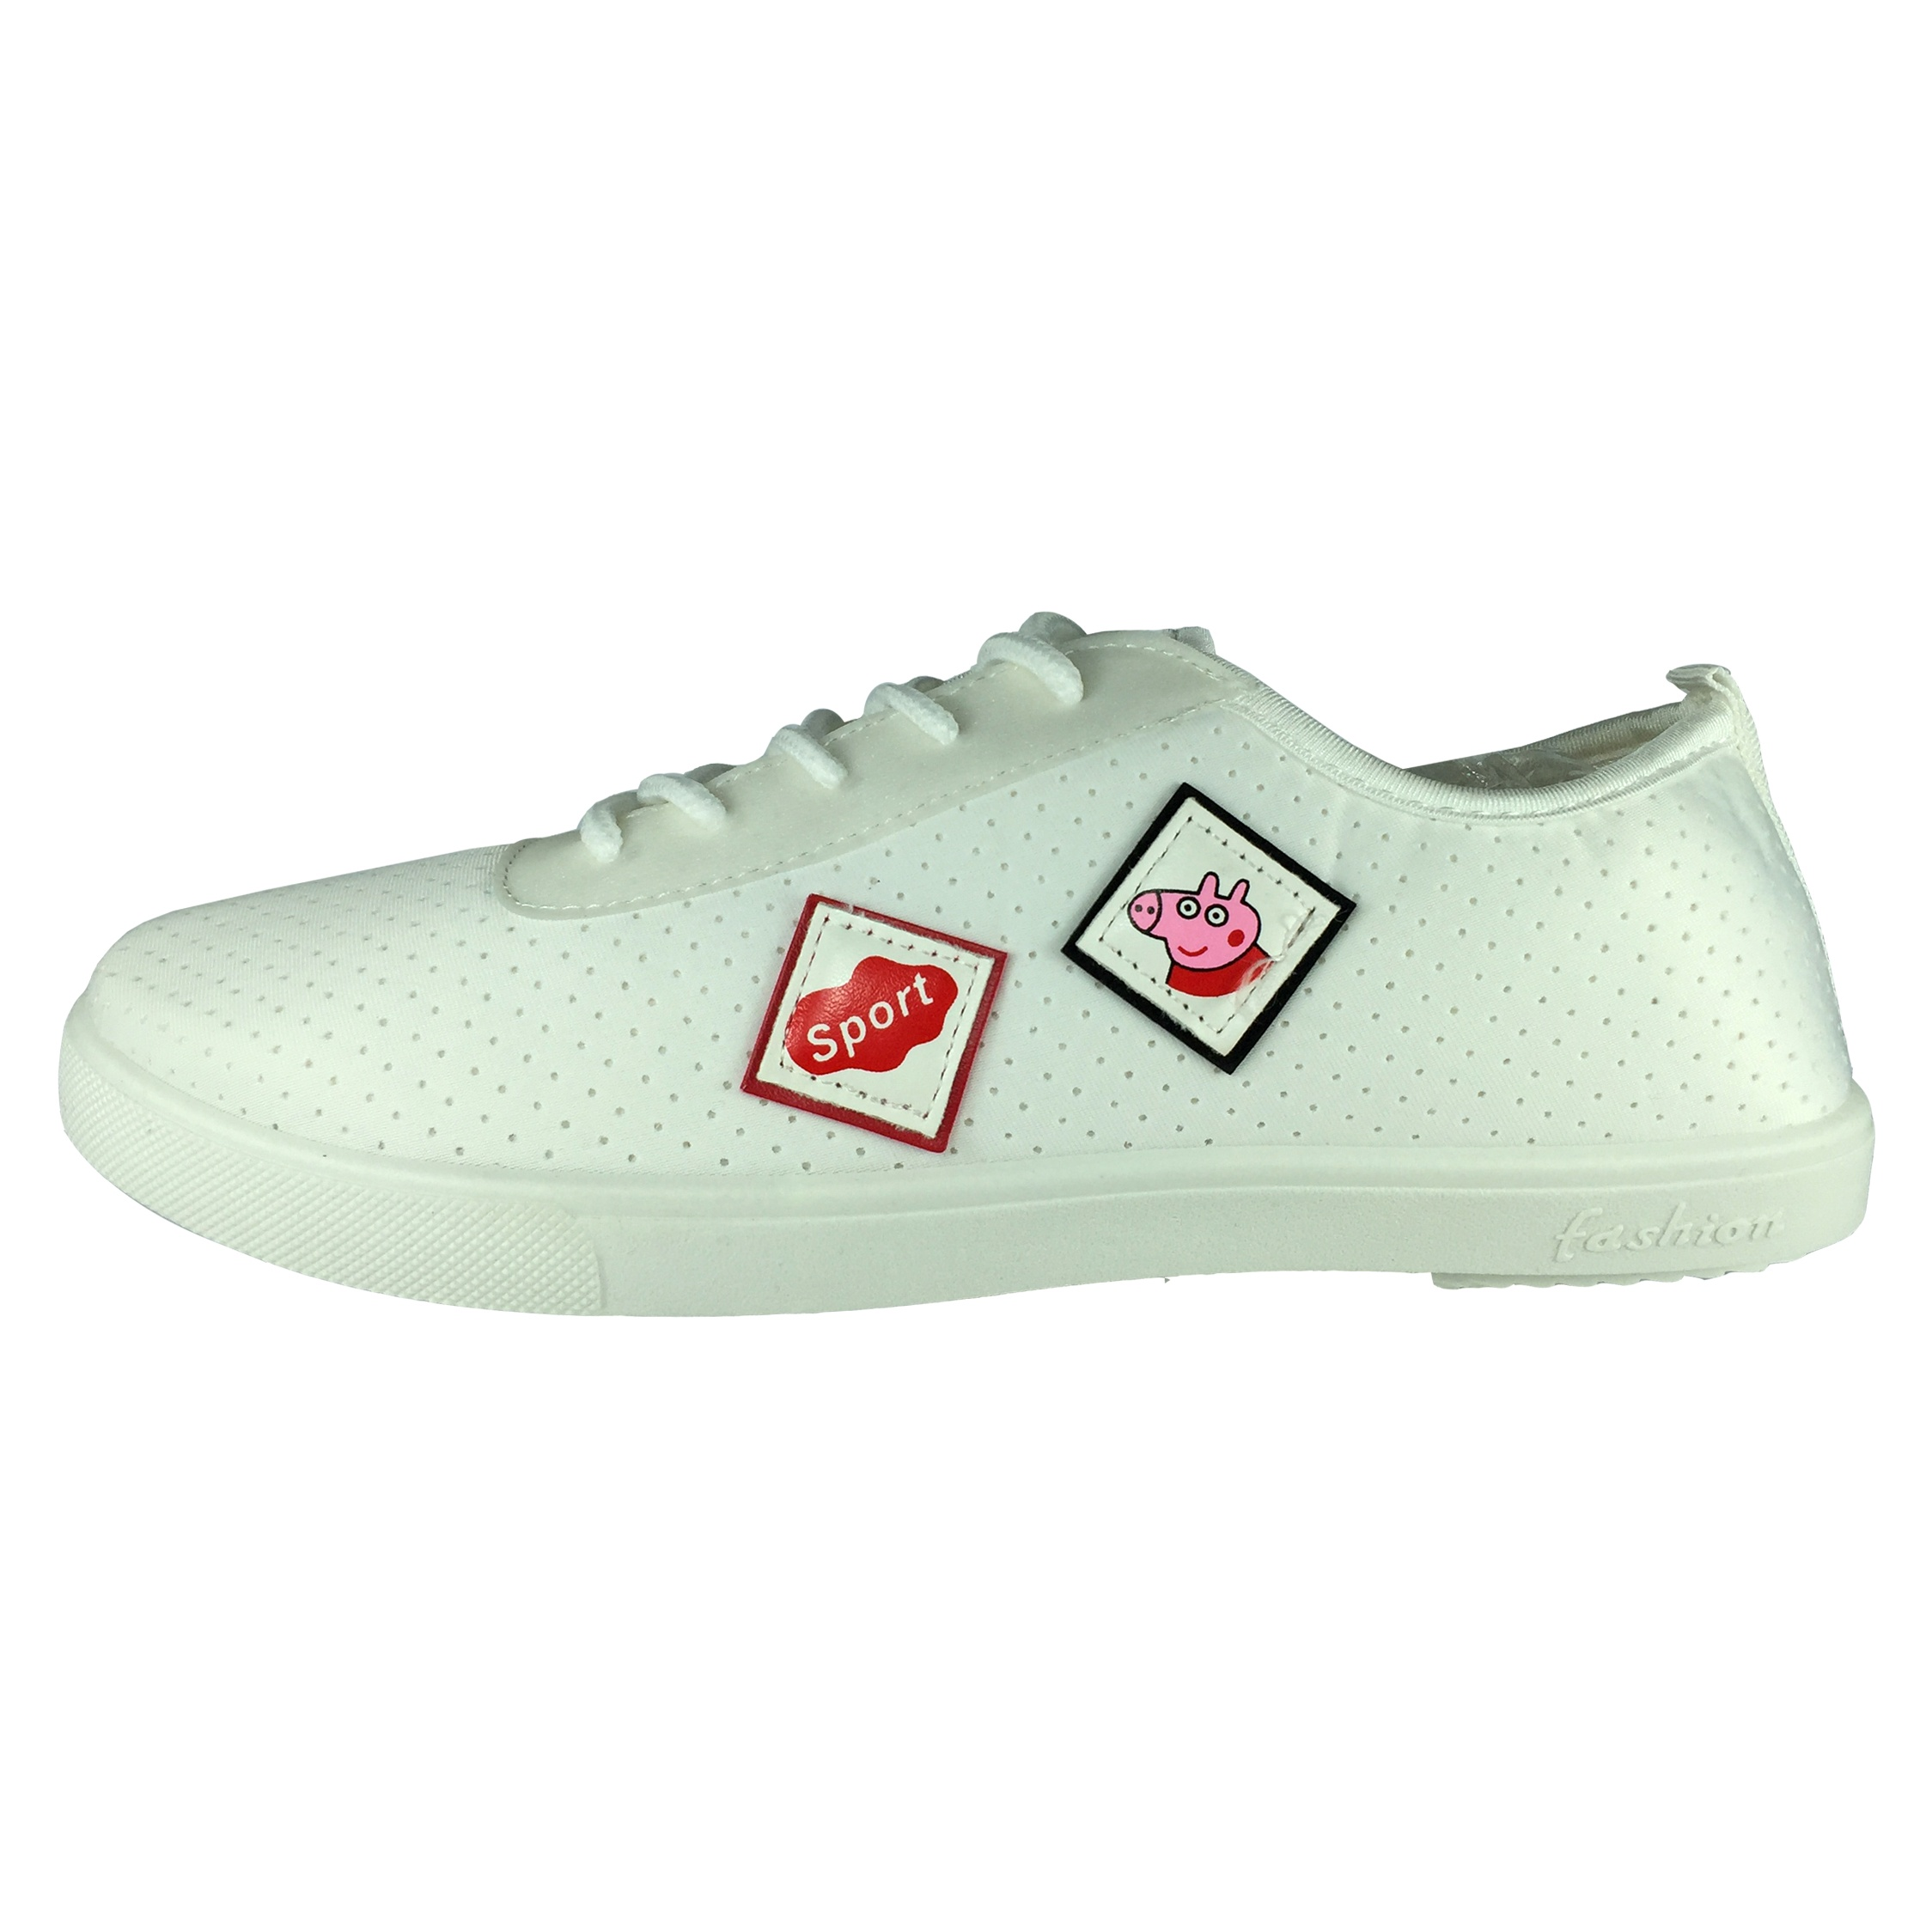 کفش راحتی زنانه مدل B529 رنگ سفید